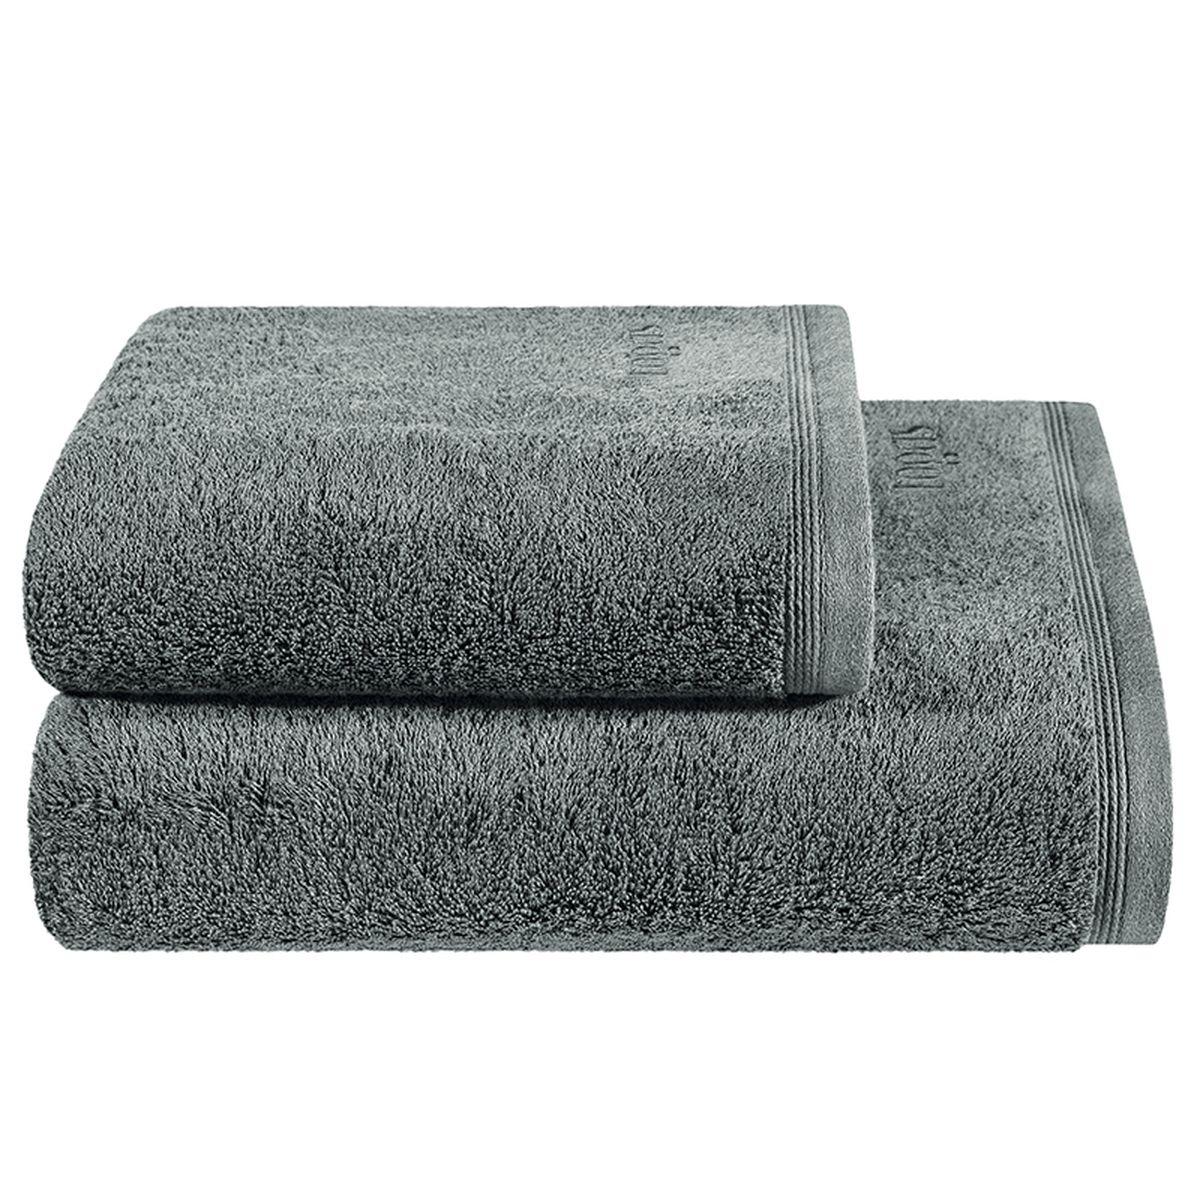 Полотенце Togas Пуатье, цвет: темно-серый, 50 х 100 см68/5/2Полотенце Togas Пуатье невероятно гармонично сочетает в себе лучшие качества современного махрового текстиля. Безупречные по качеству, экологичное полотенце из 70% хлопка и 30% модала идеально заботится о вашей коже, особенно после душа, когда вы расслаблены и особо уязвимы. Деликатный дизайн полотенца Togas «Пуатье» - воплощение изысканной простоты, где на первый план выходит качество материала. Невероятно мягкое волокно модал, превосходящее по своим свойствам даже хлопок, позволяет улучшить впитывающие качества полотенца и делает его удивительно мягким. Модал - это 100% натуральное, экологически чистое целлюлозное волокно. Оно производится без применения каких-либо химических примесей, поэтому абсолютно гипоаллергенно.Полотенце Togas Пуатье, обладающее идеальными качествами, будет поднимать вам настроение.